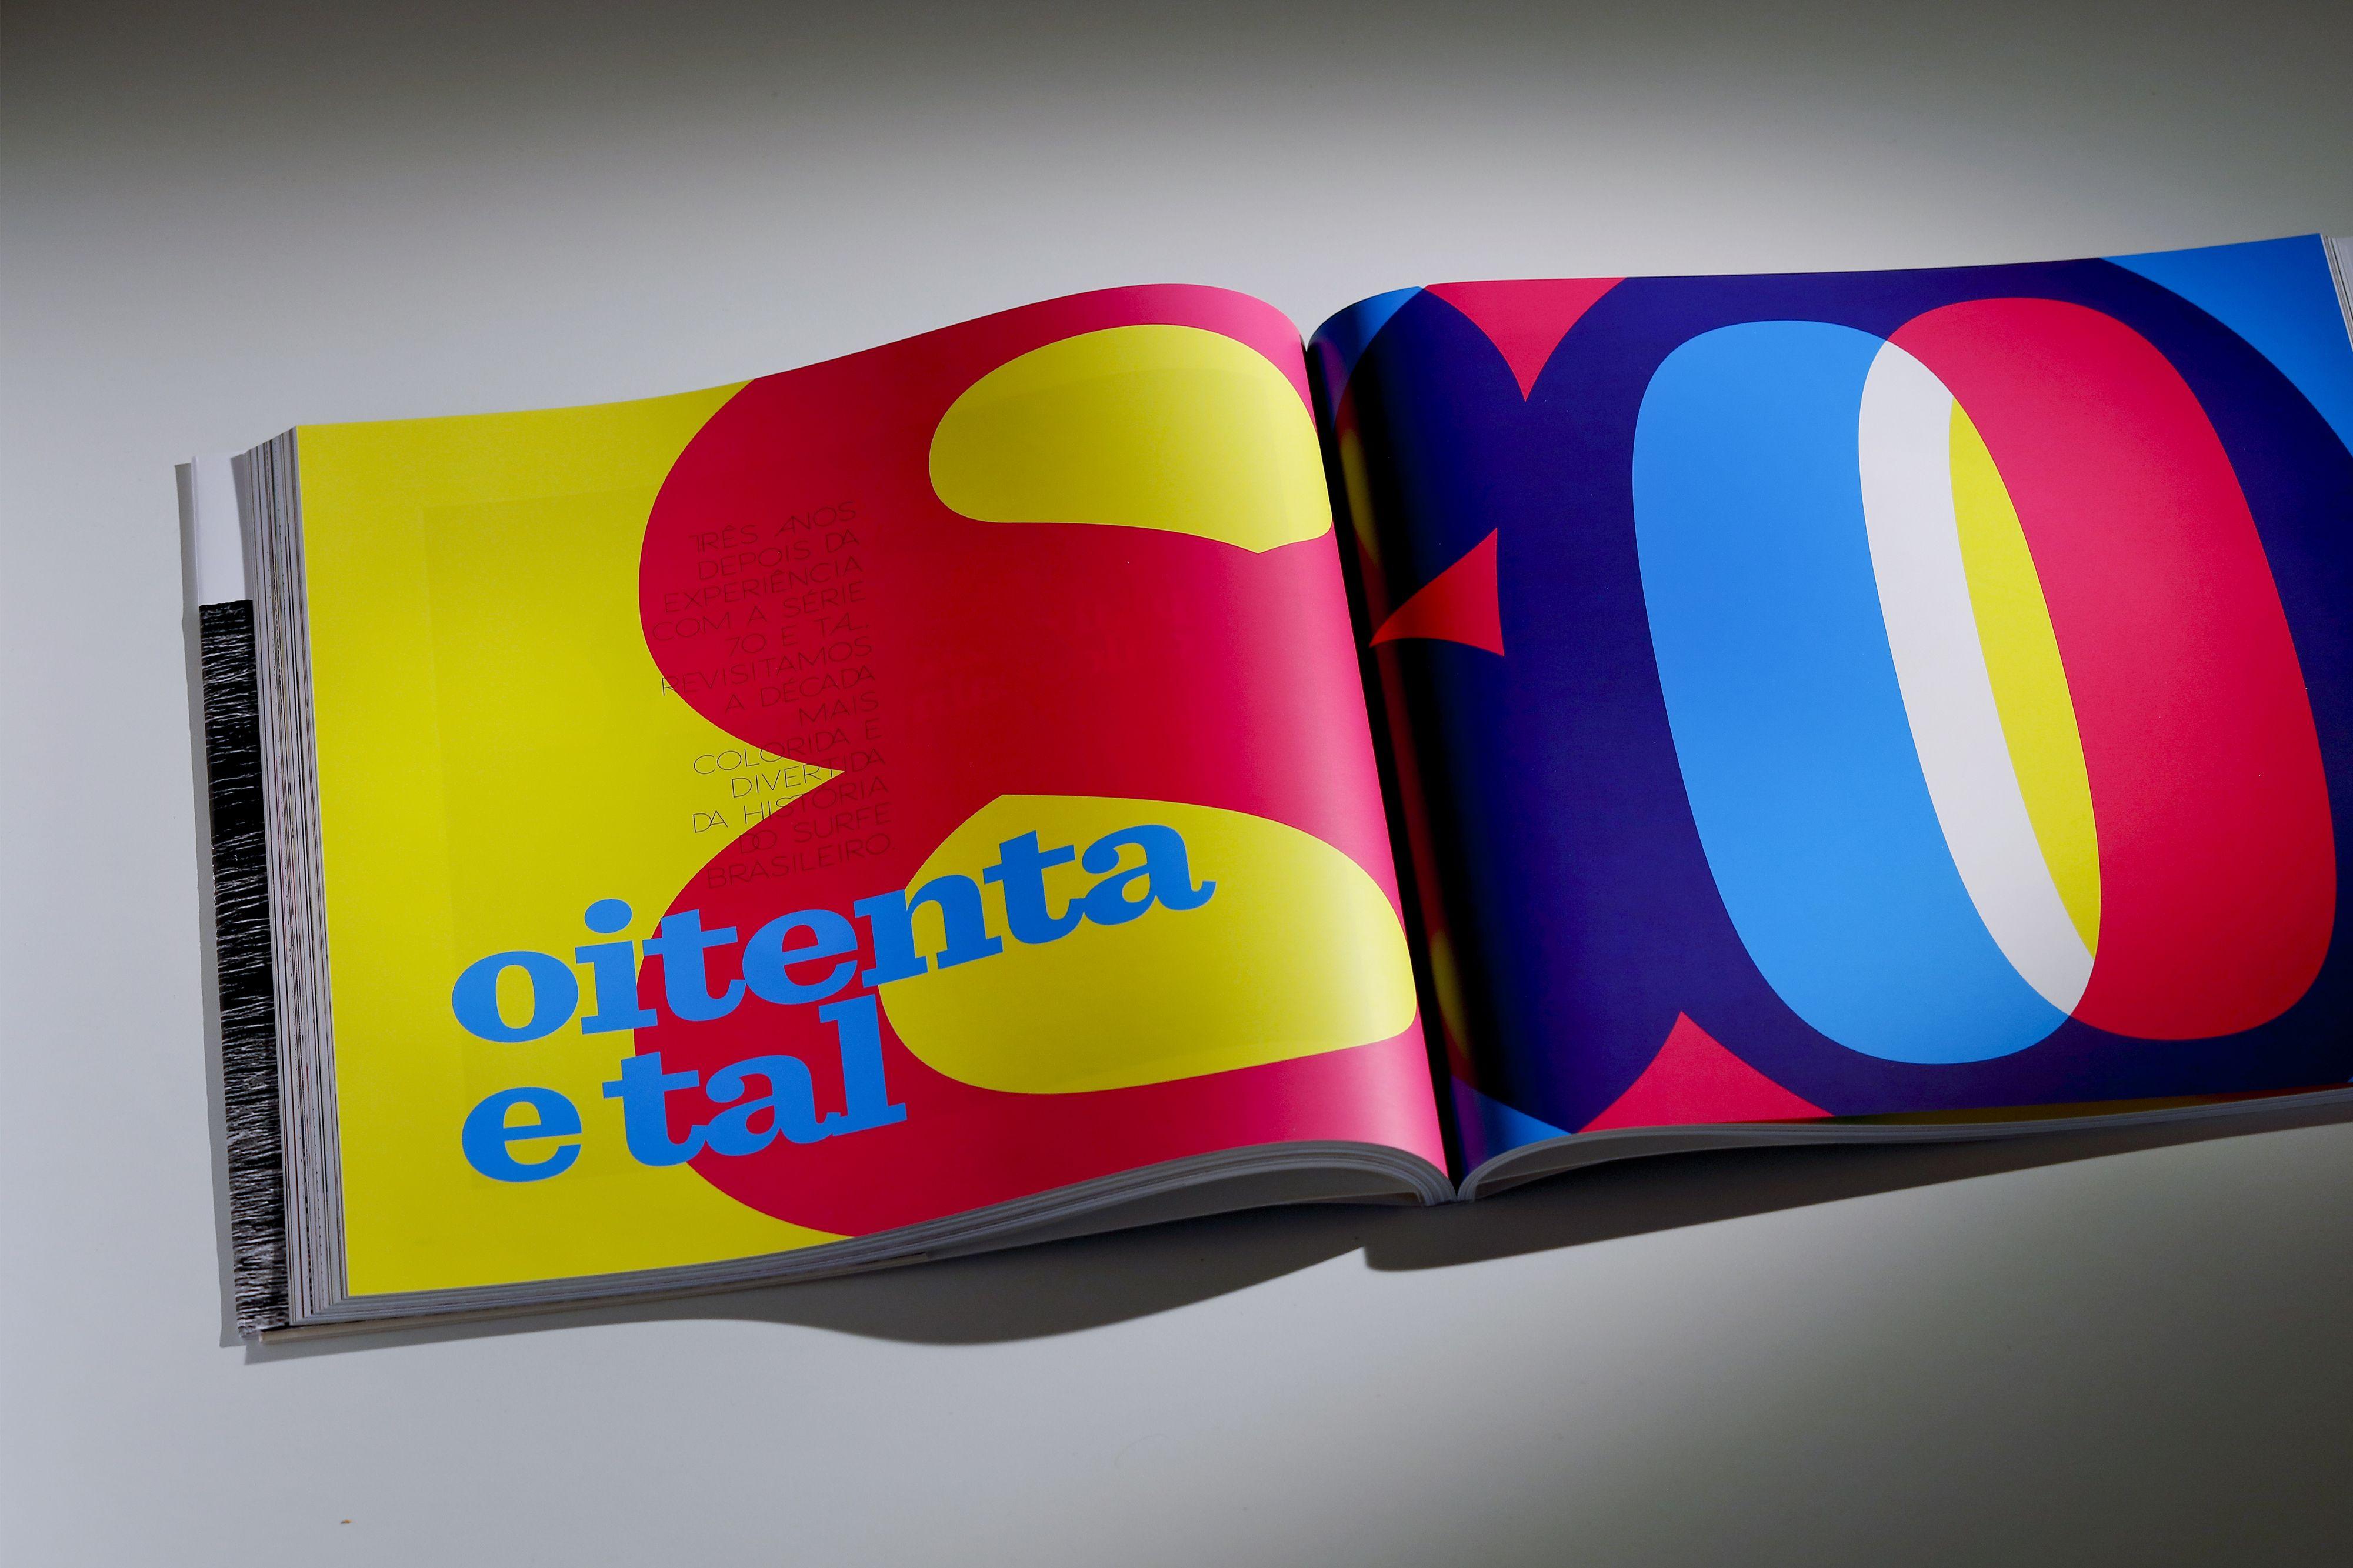 A Gente Vive Trabalhando, 80 e tal, Grupo Sal, Book Design, Canal OFF, Design Marcelus Viana